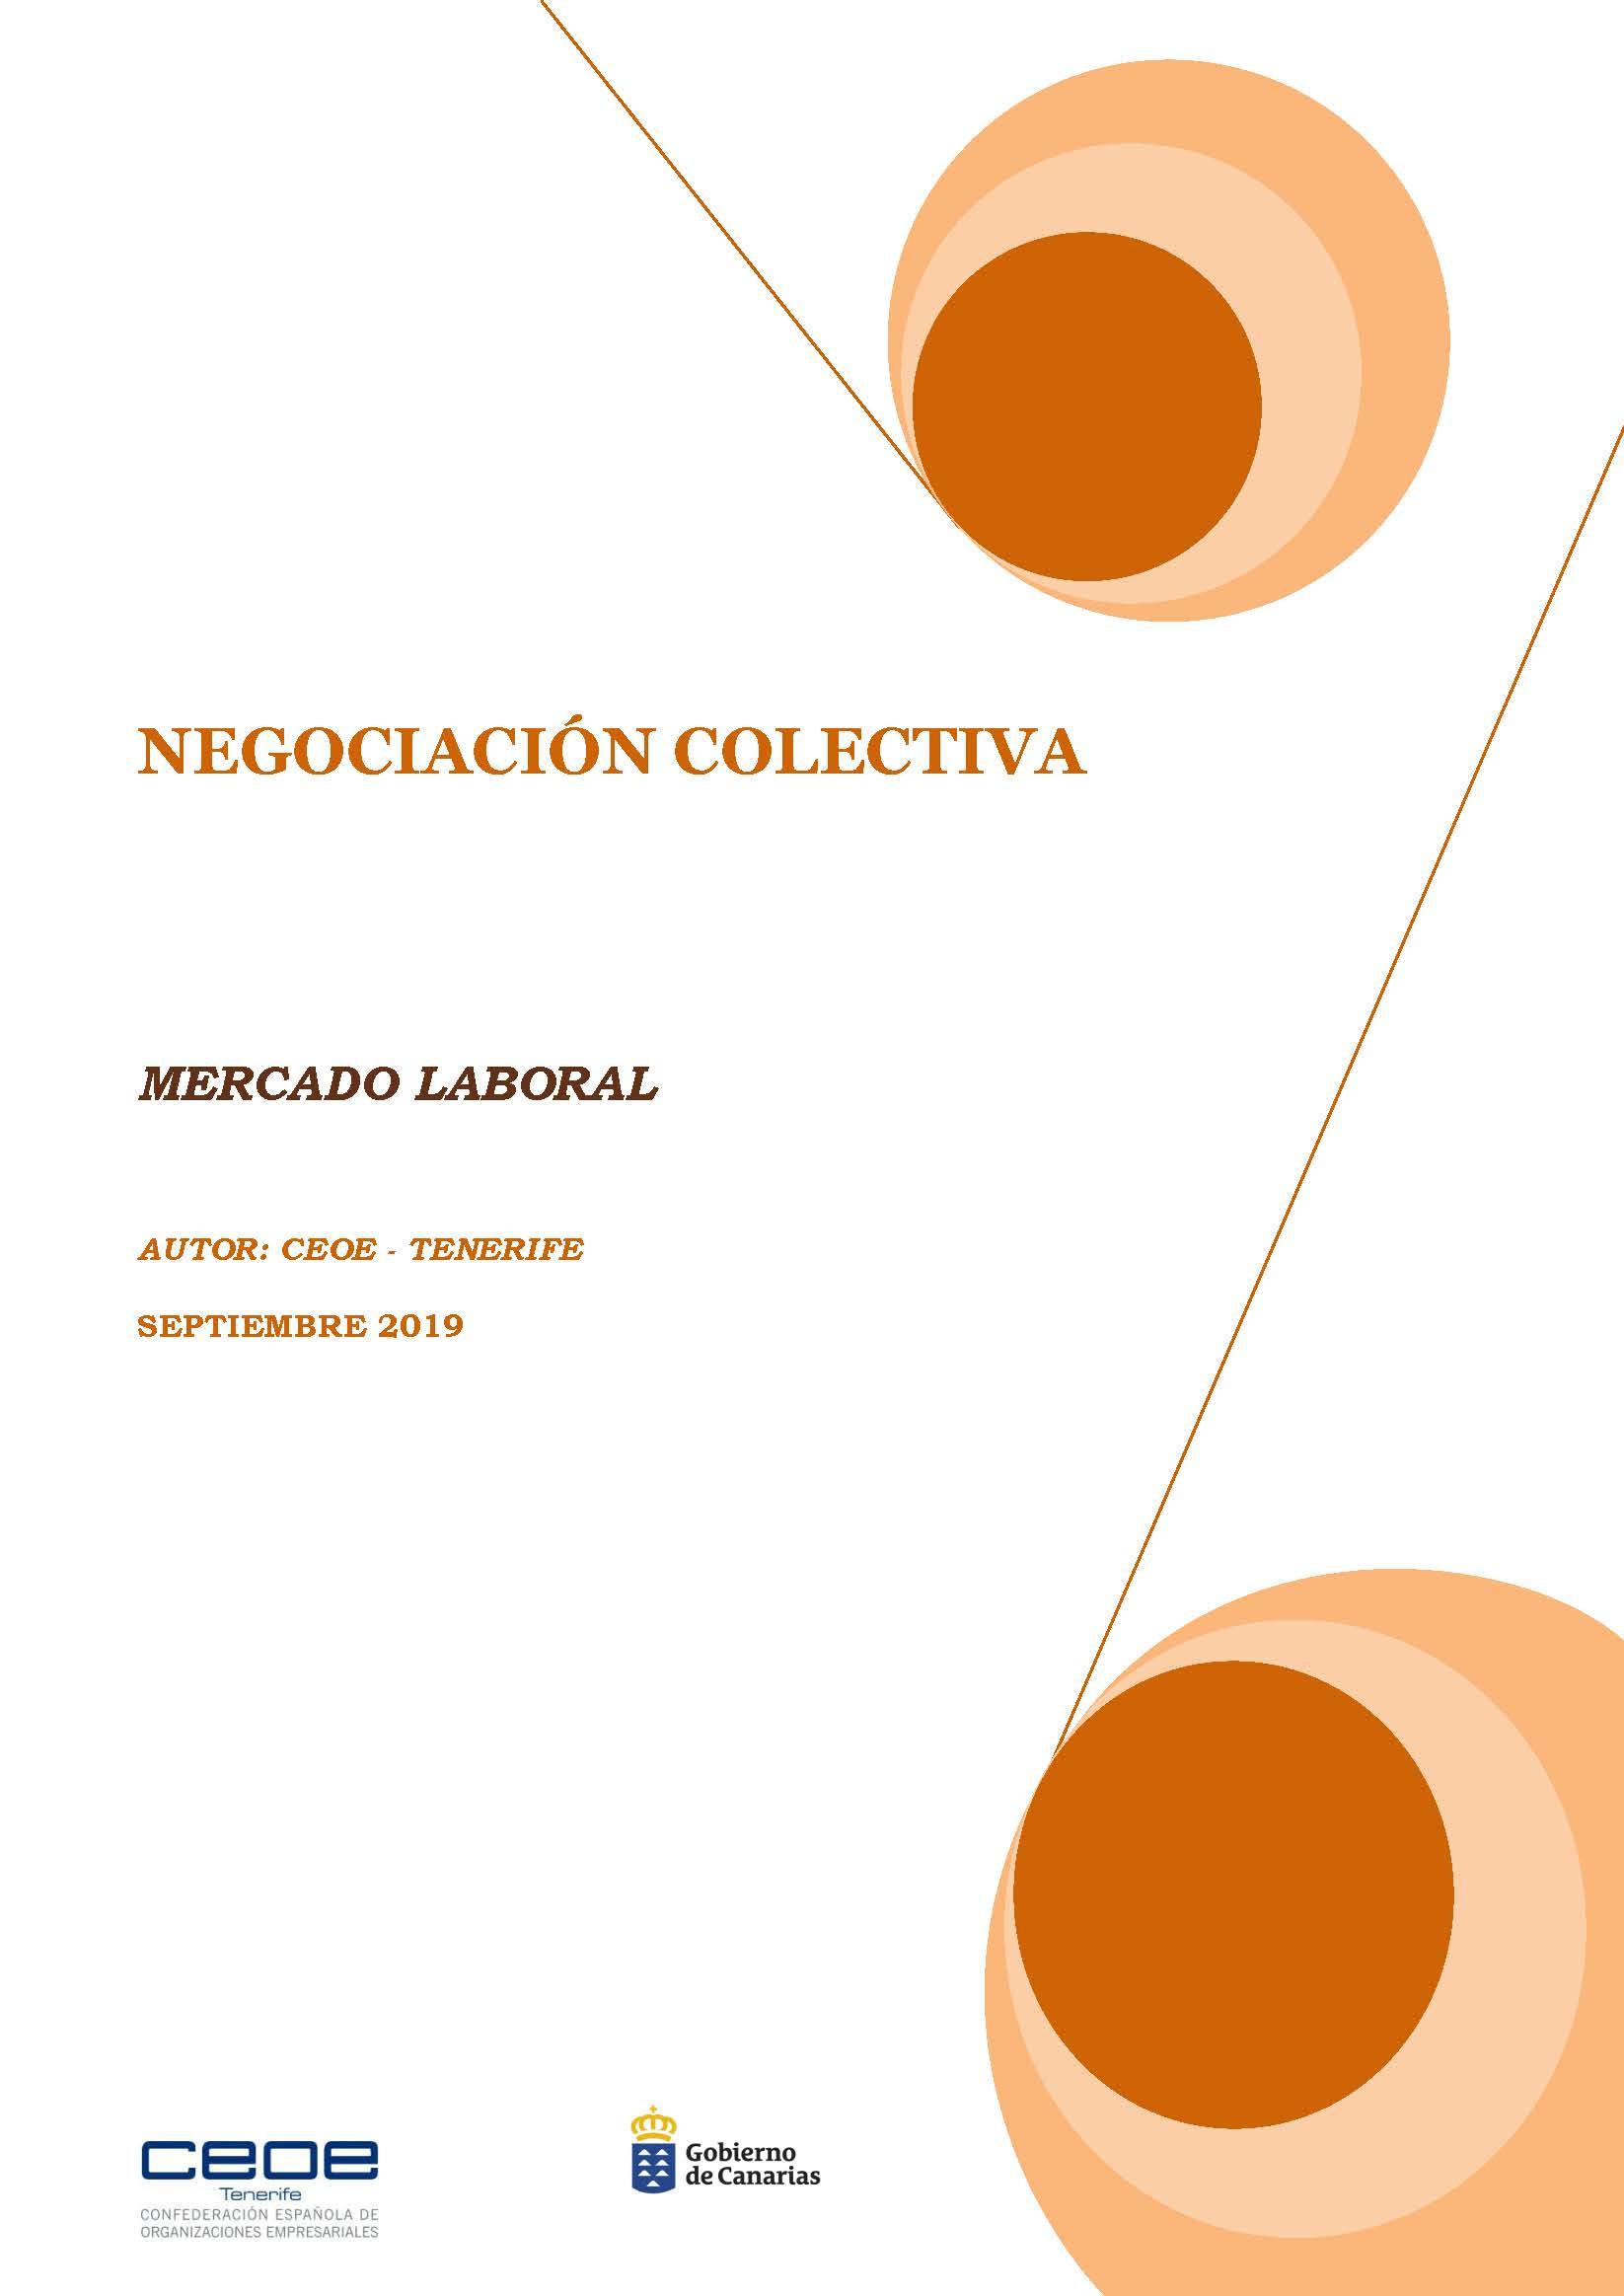 MERCADO LABORAL - NEGOCIACION COLECTIVA SEPTIEMBRE 2019